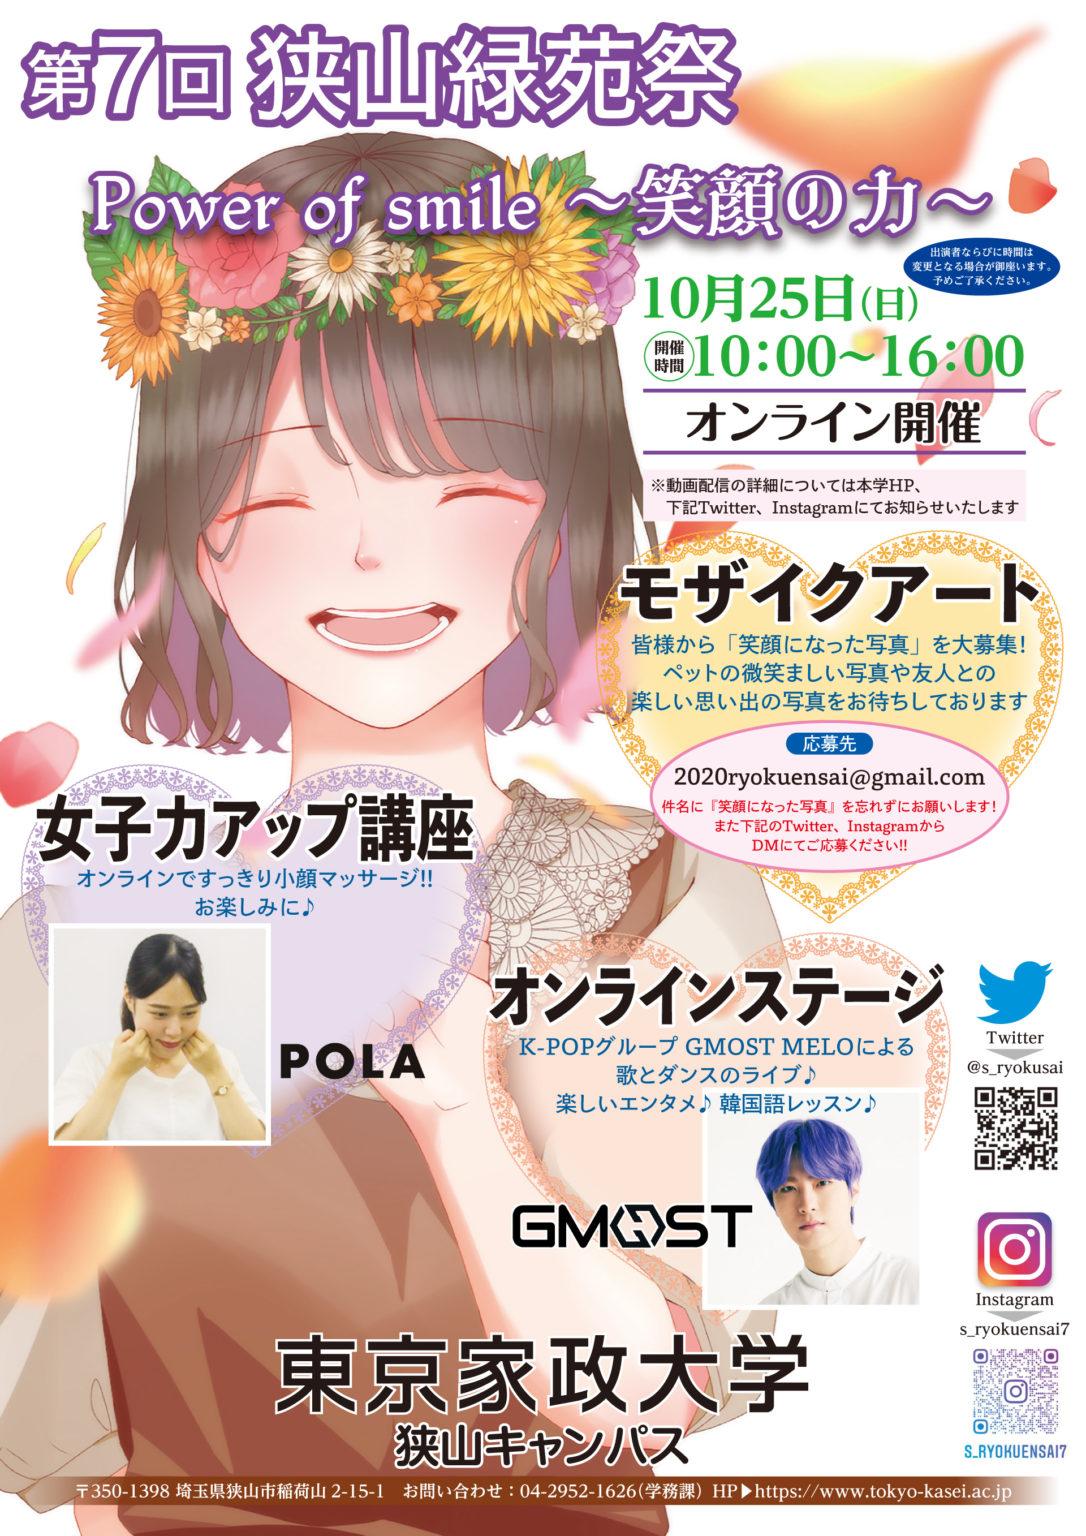 東京家政大学 狭山キャンパス 緑苑祭2020